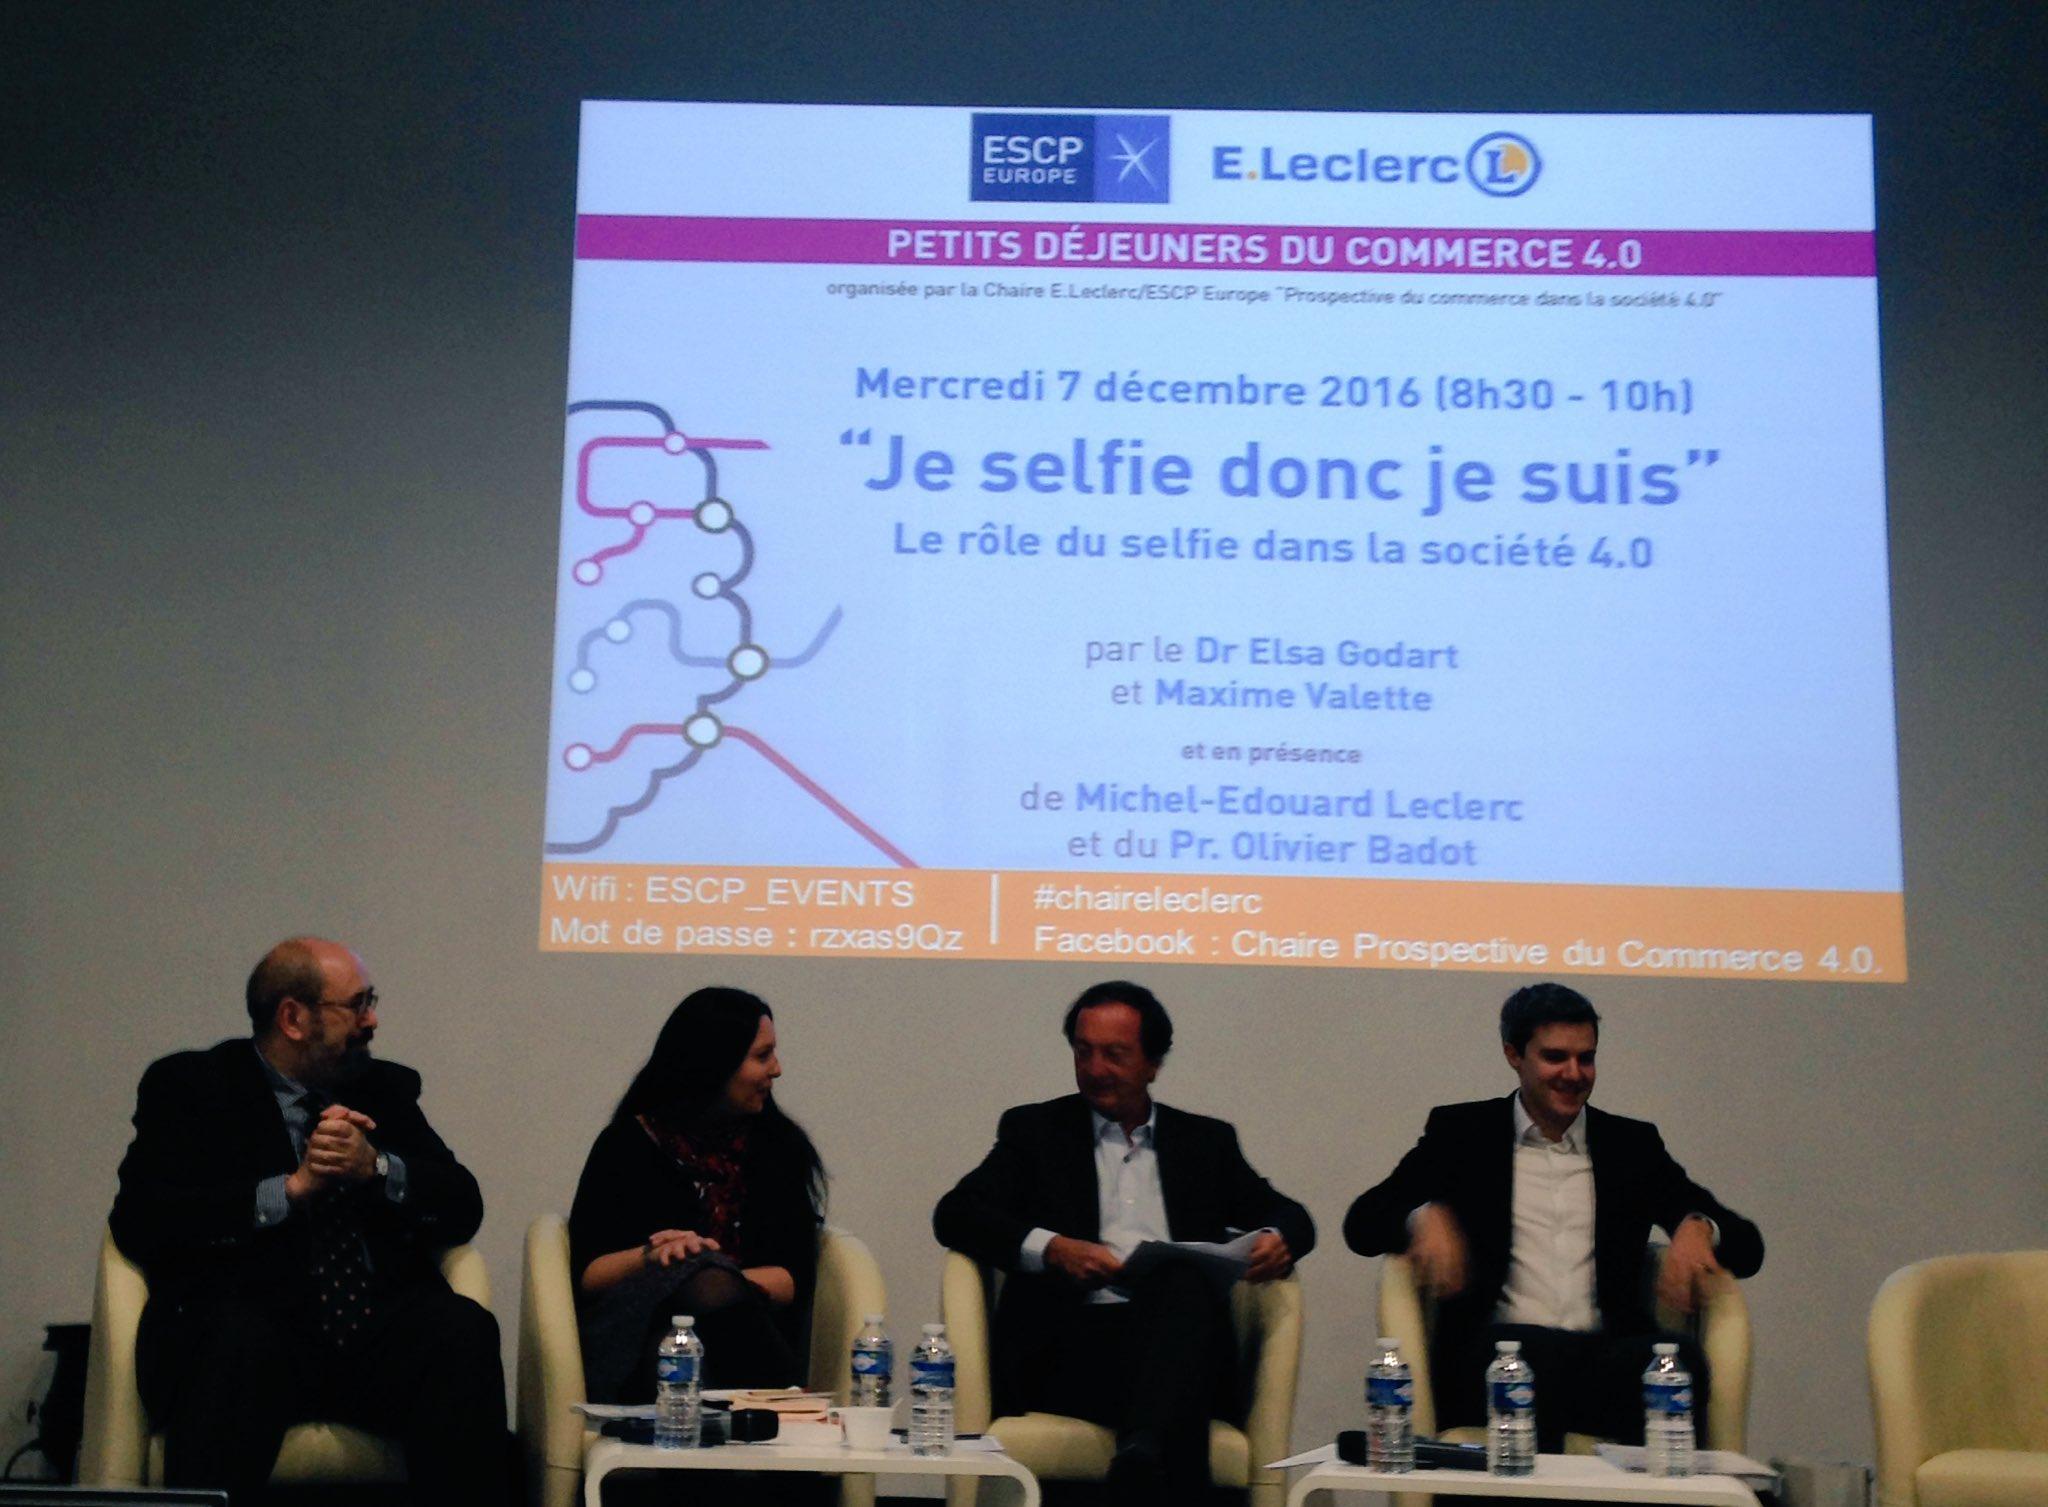 """Thumbnail for """"Je selfie donc je suis"""" - le 1er petit déjeuner de la Chaire E.Leclerc / ESCP Europe"""